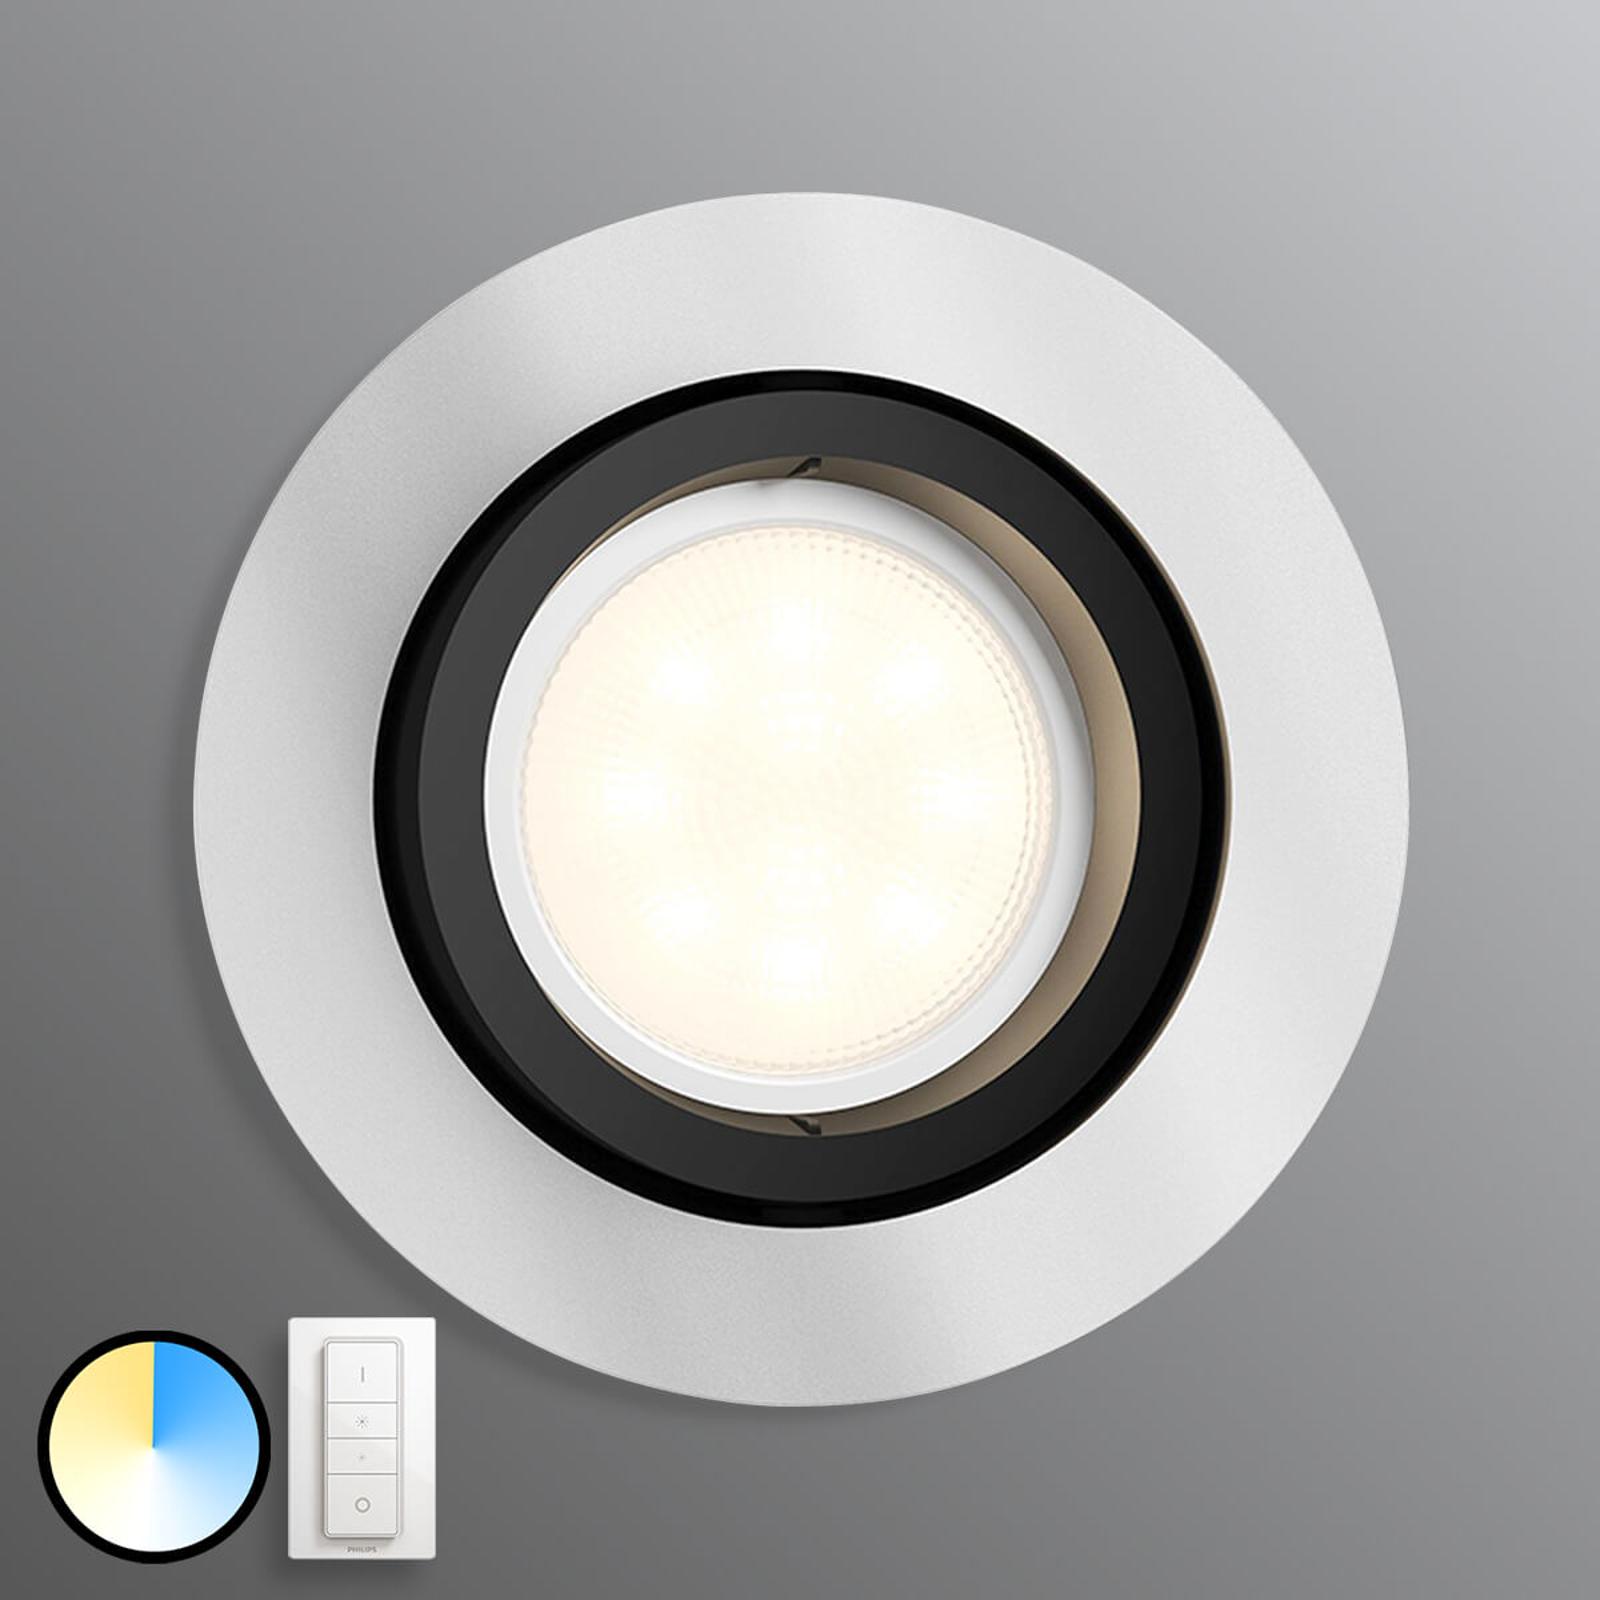 Philips Hue Milliskin, round, alu, dimmer switch_7534025_1